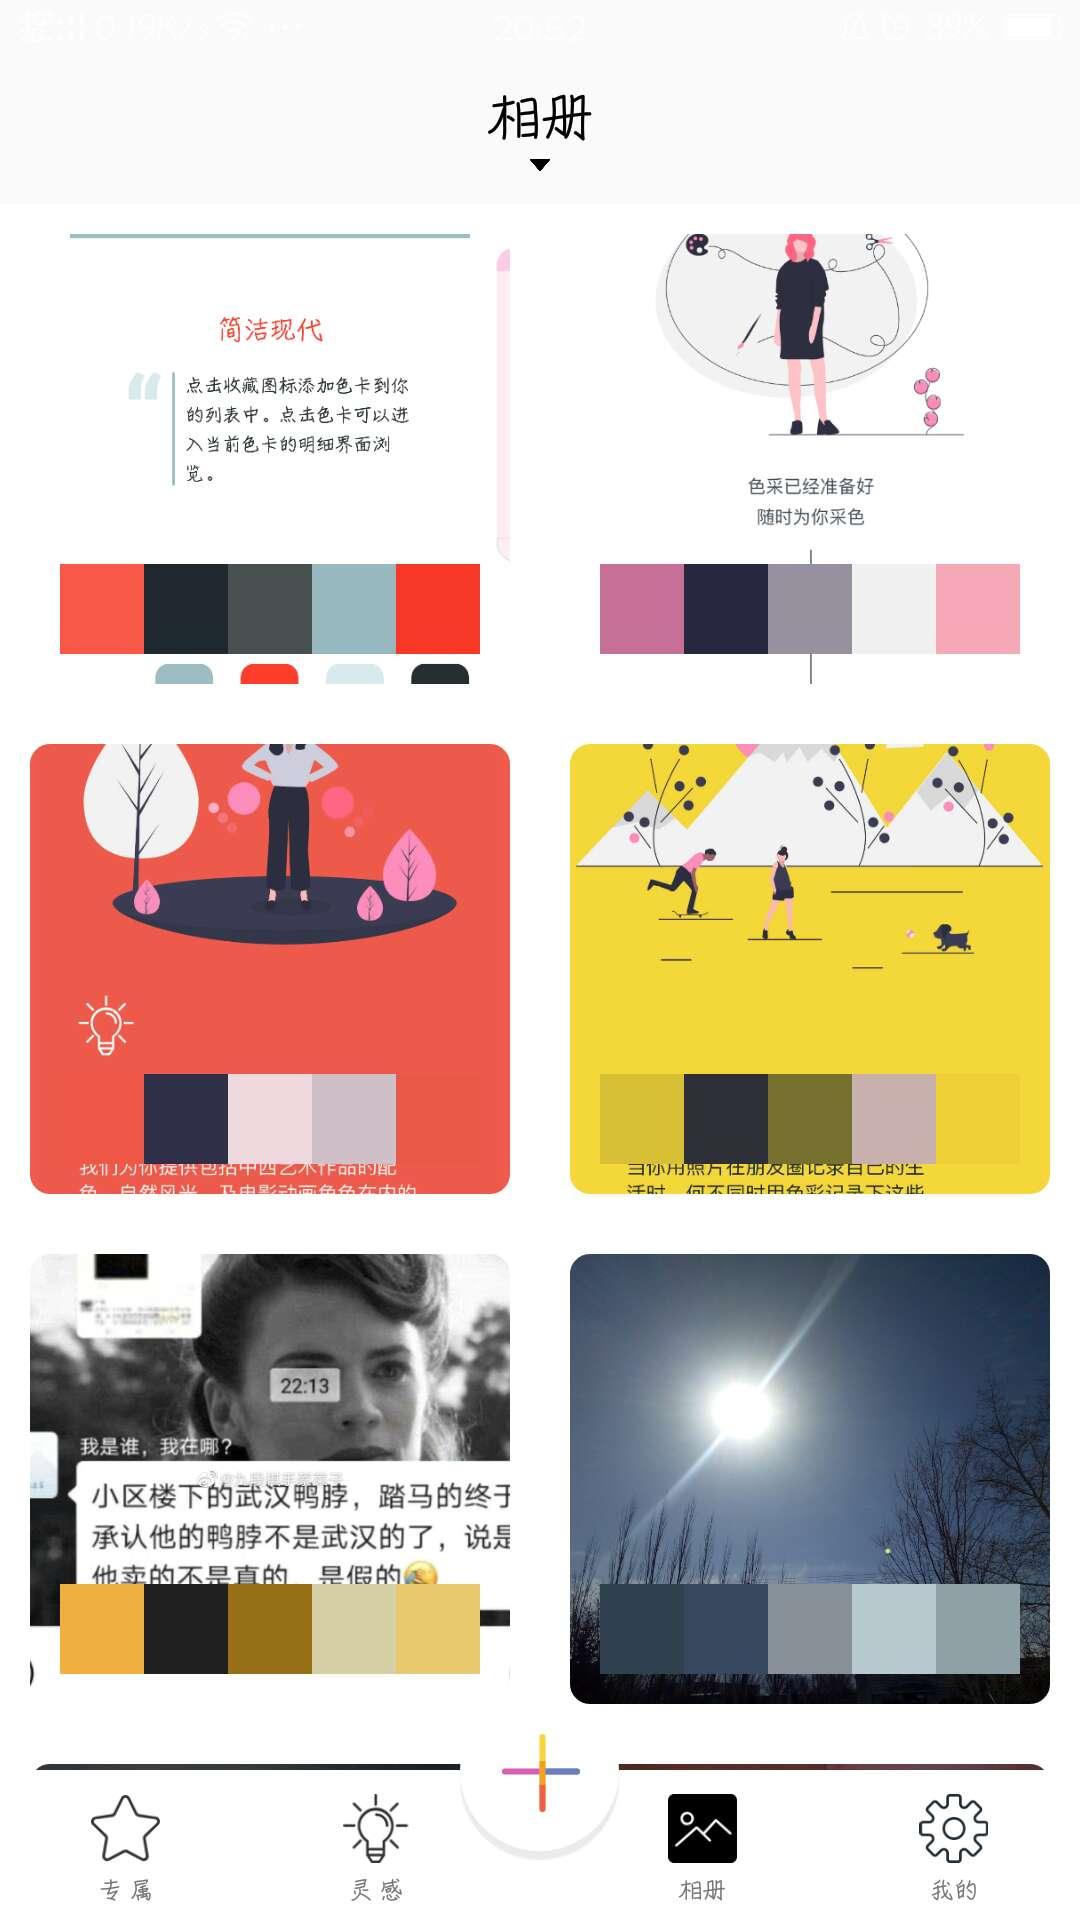 【分享】色采 - 配色助手 色卡工坊 2.0.0